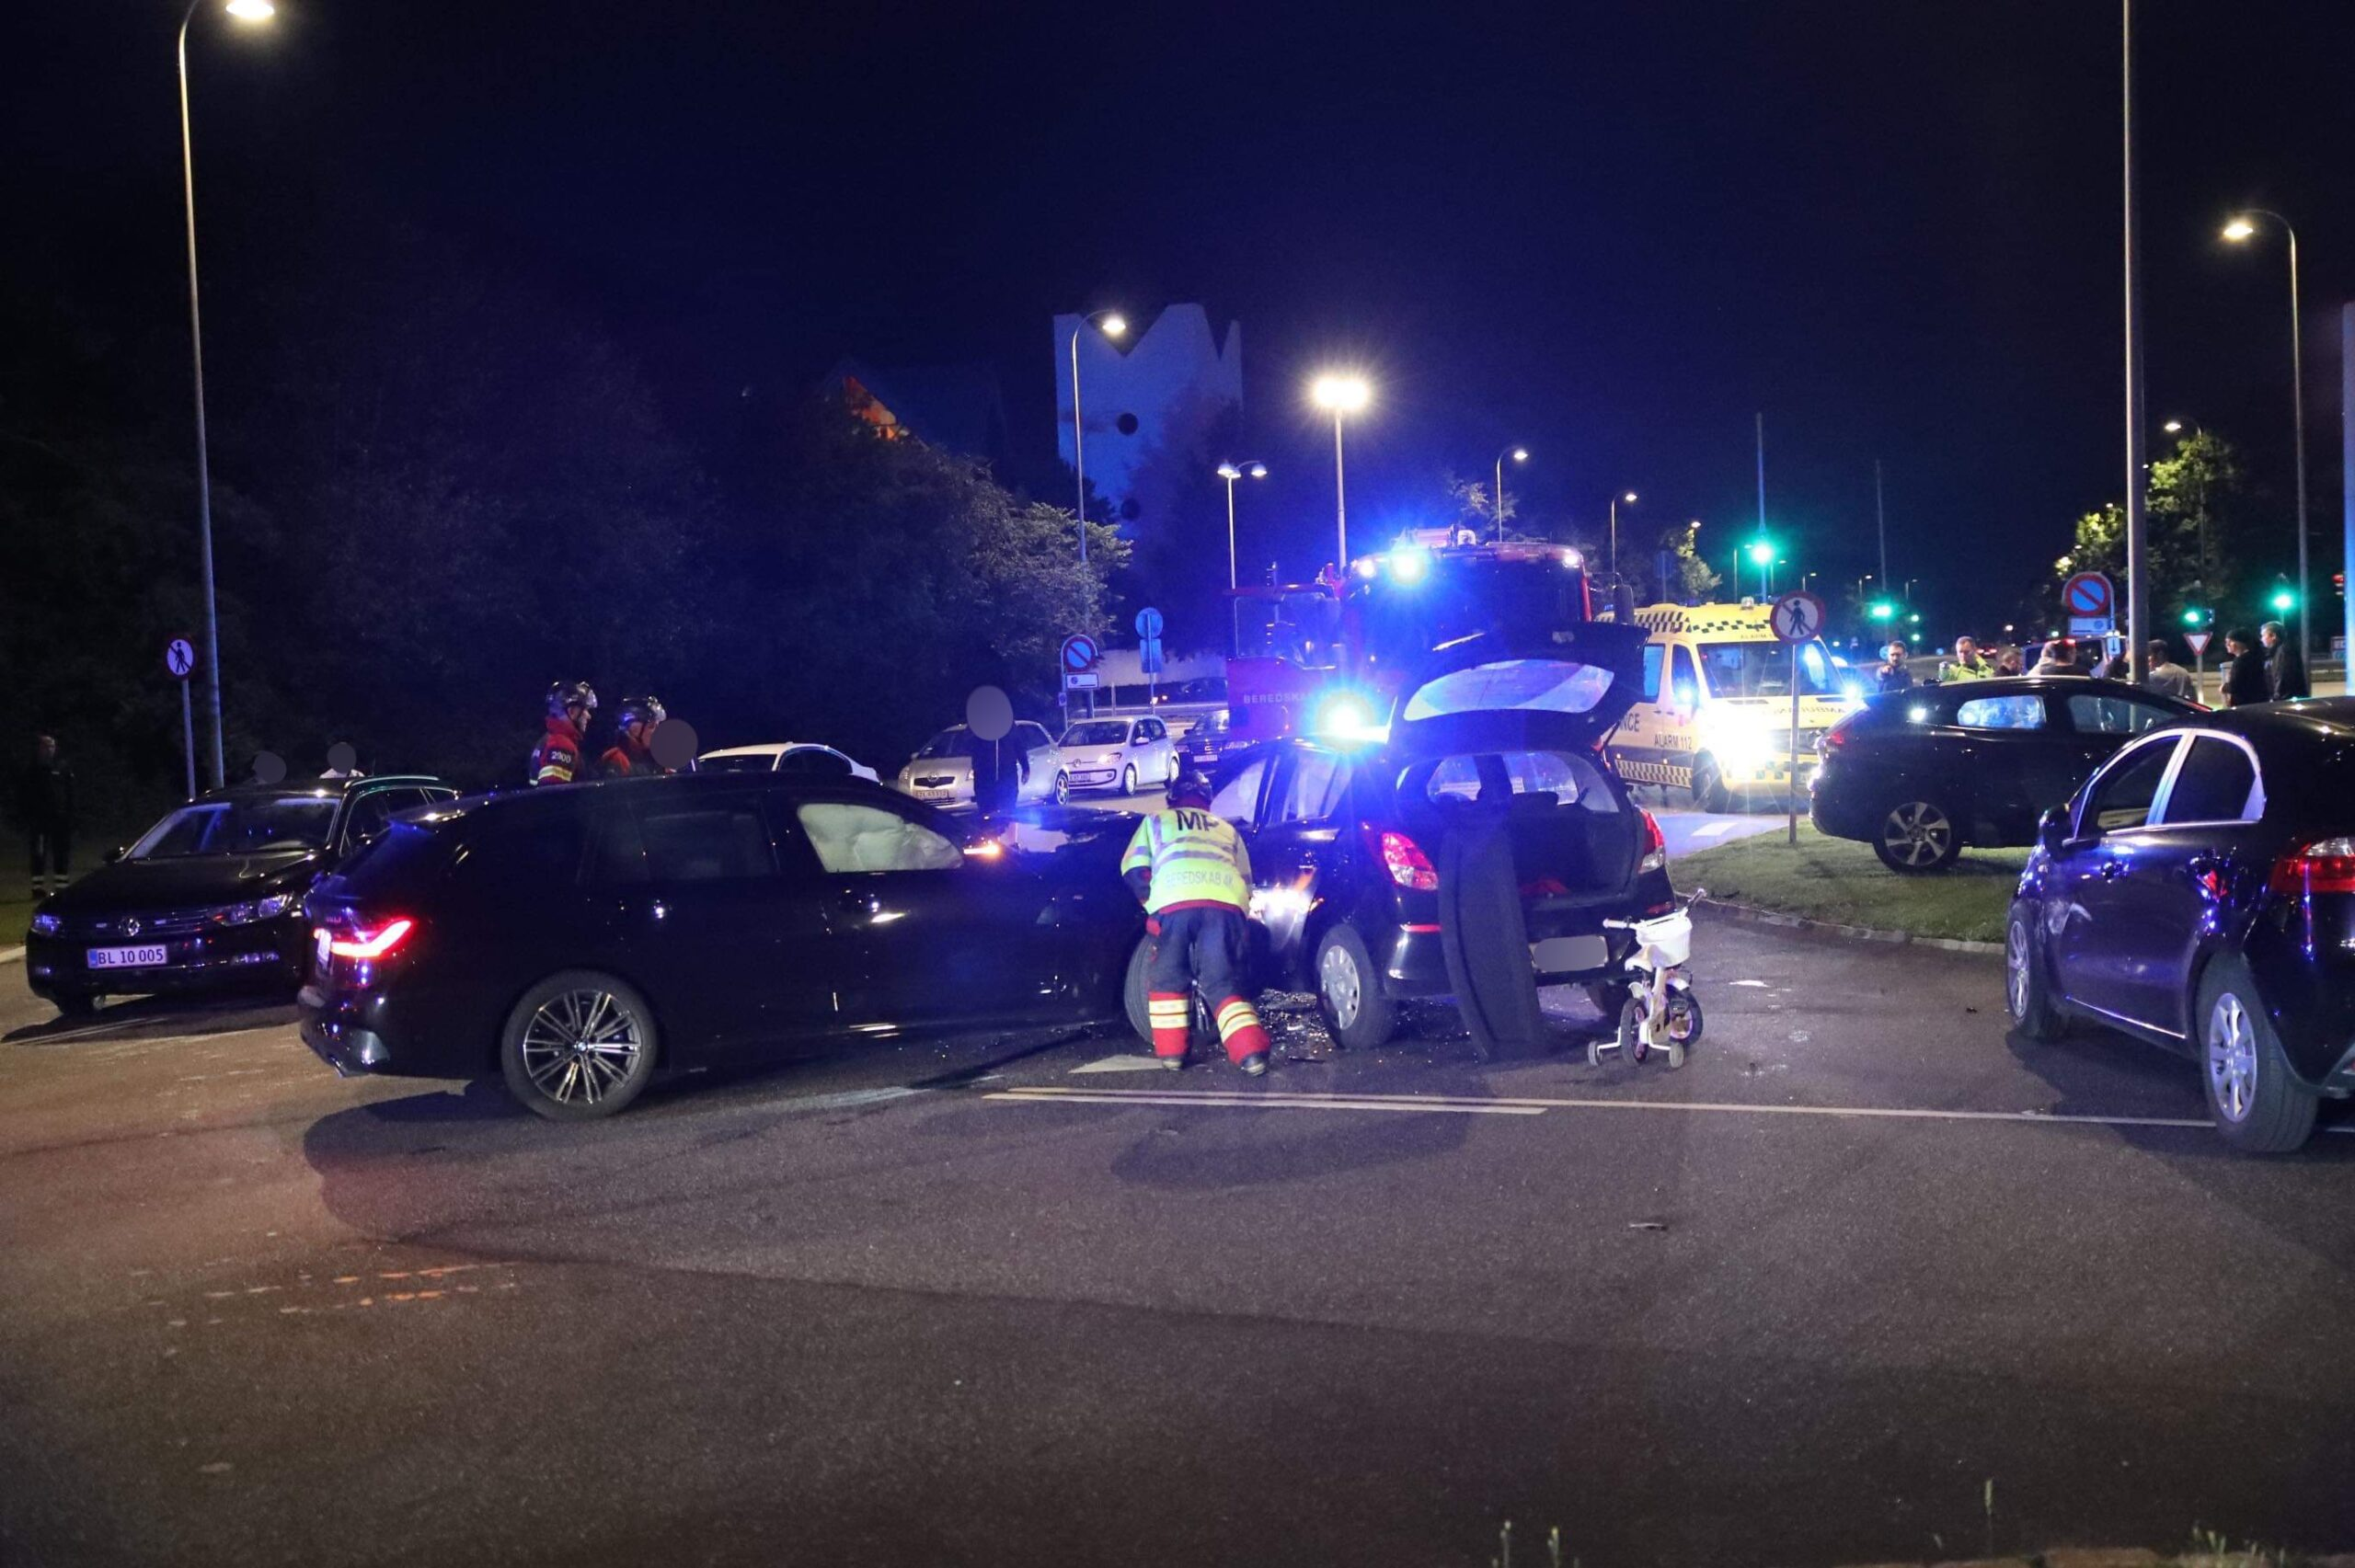 Voldsomt færdselsuheld i Ishøj -flere biler kørt sammen